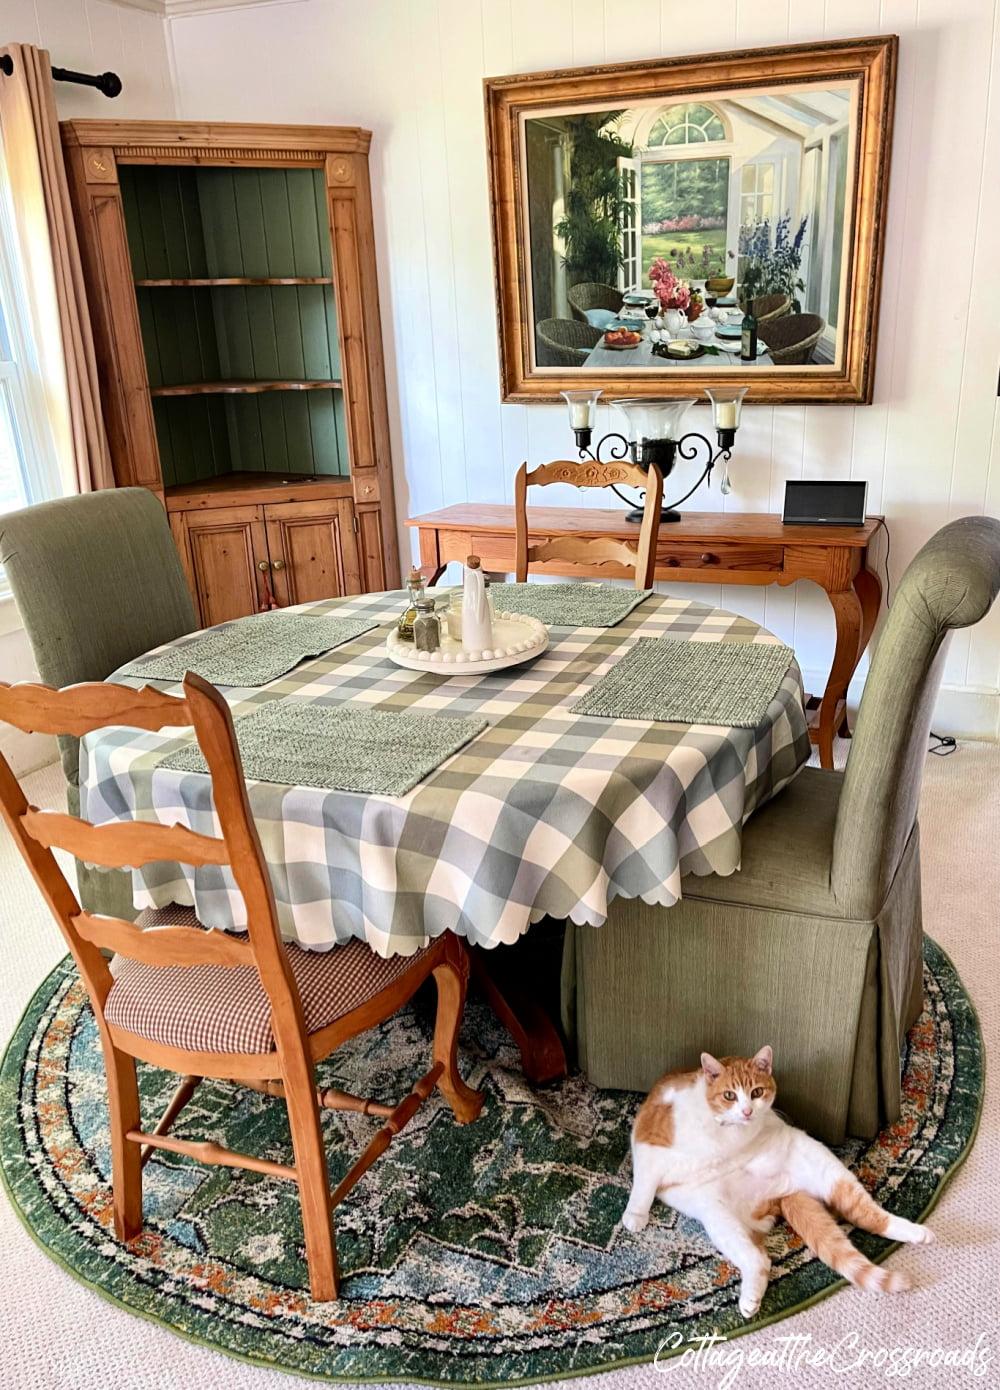 cat on rug near table